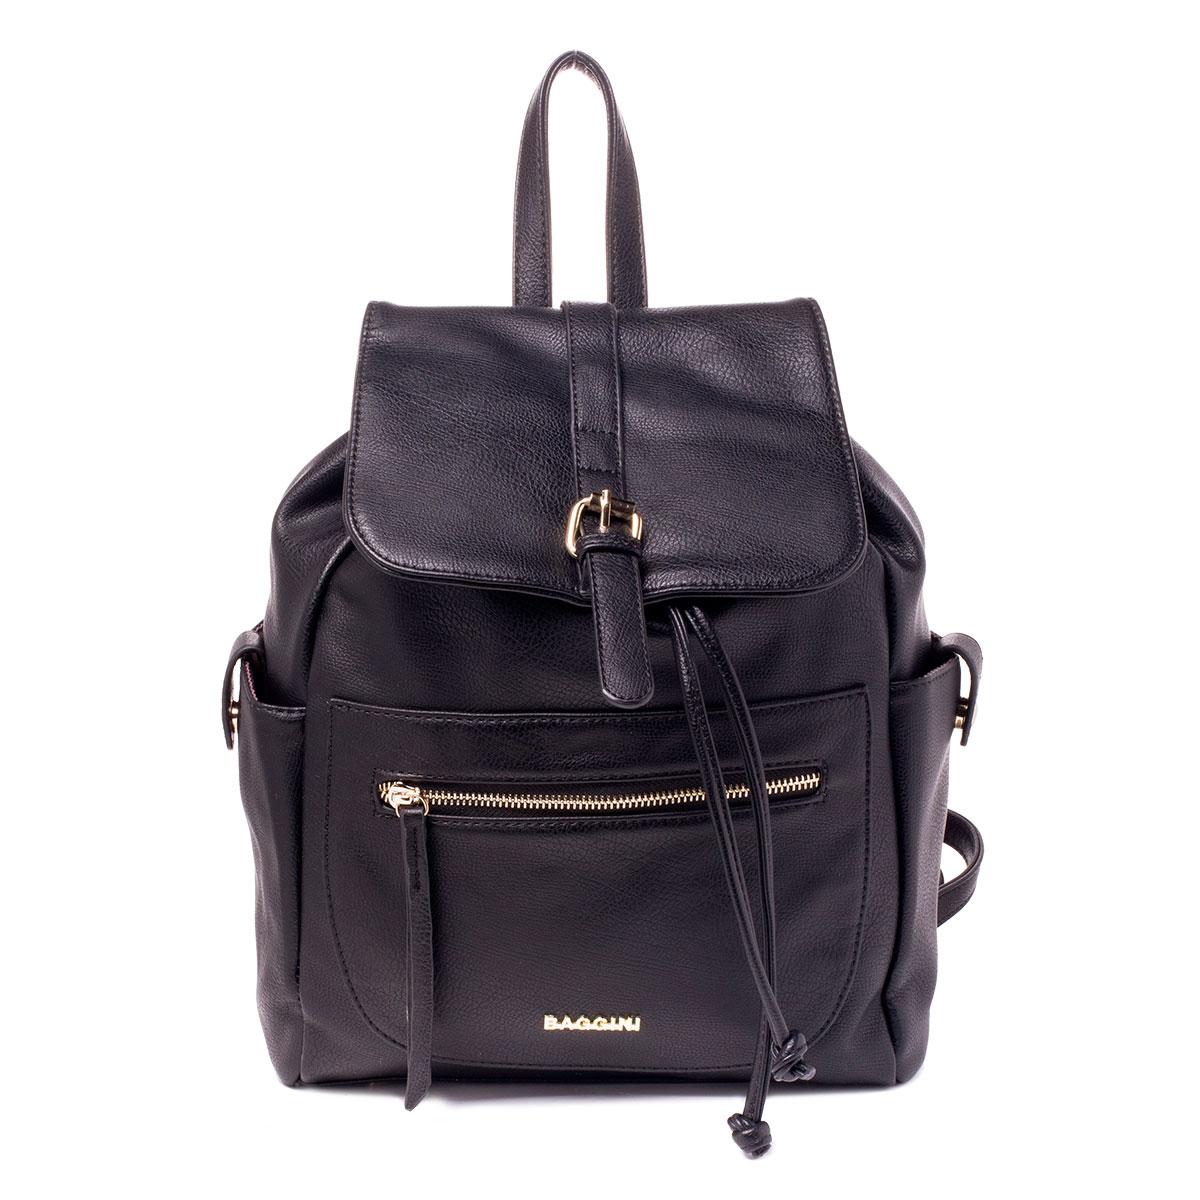 """Сумка-рюкзак женская """"Baggini"""", цвет: черный. 29719/10"""